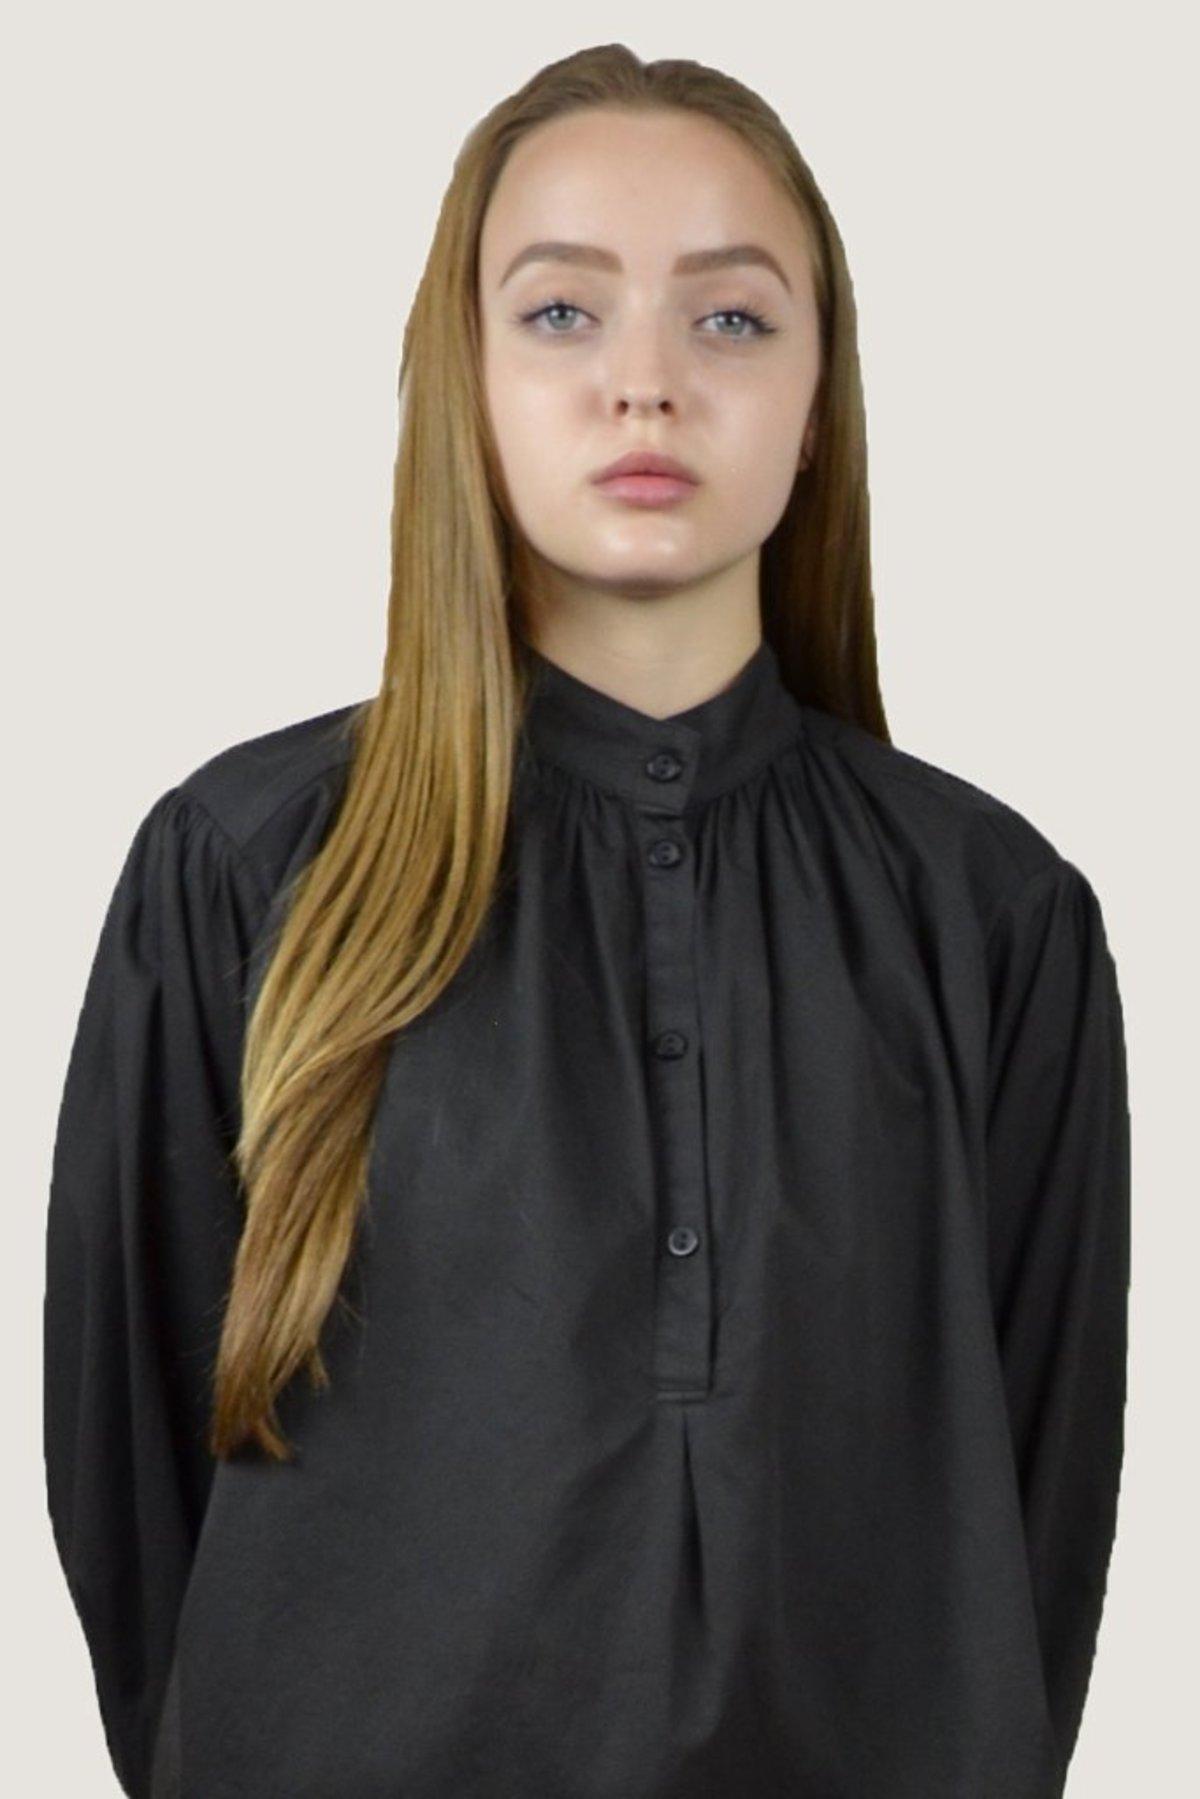 d6e2f384deaeaf Black Crane Balloon Sleeve Blouse - Charcoal | Garmentory